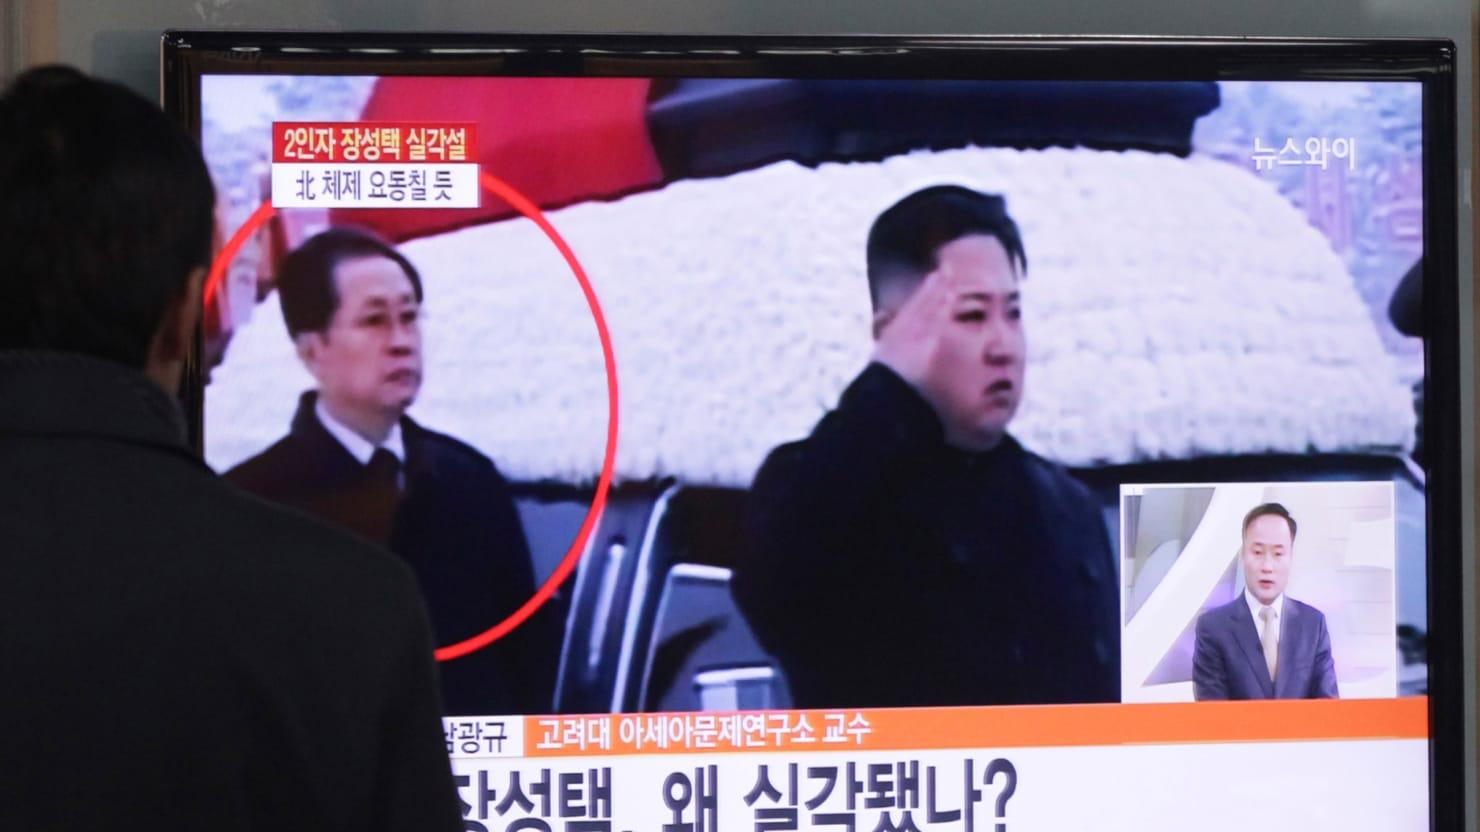 Kim Jong Un Purges No. 2, Jang Song Thaek